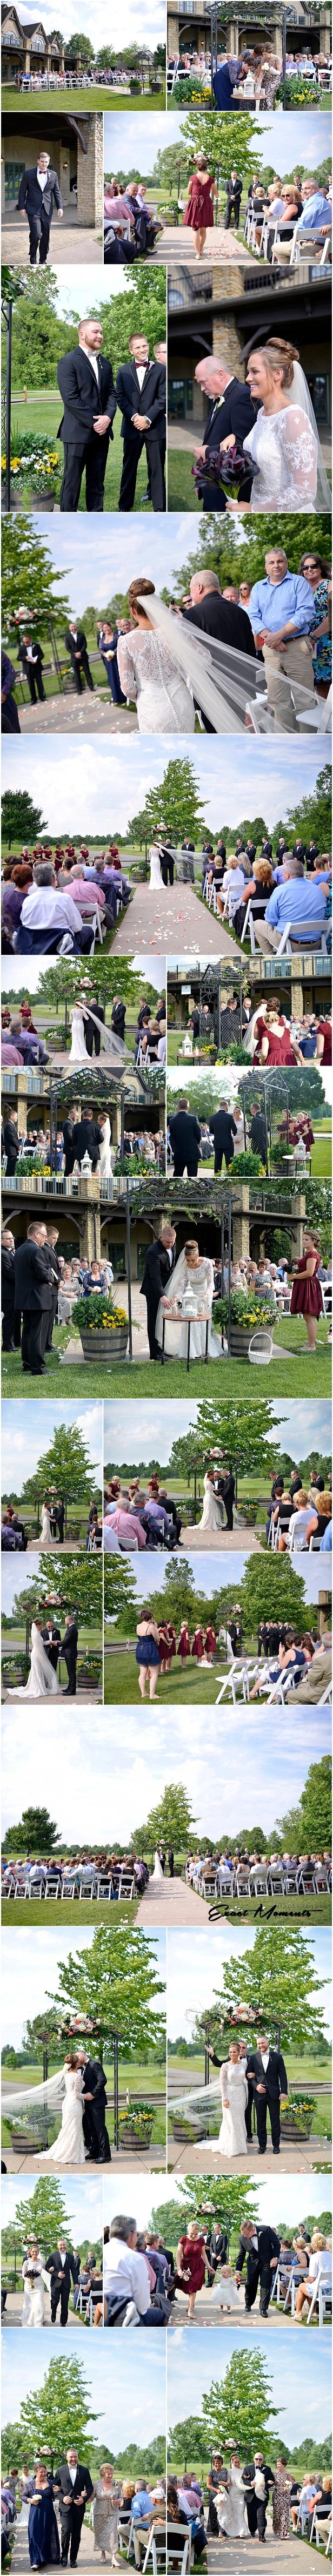 Royal American links Golf Club Wedding